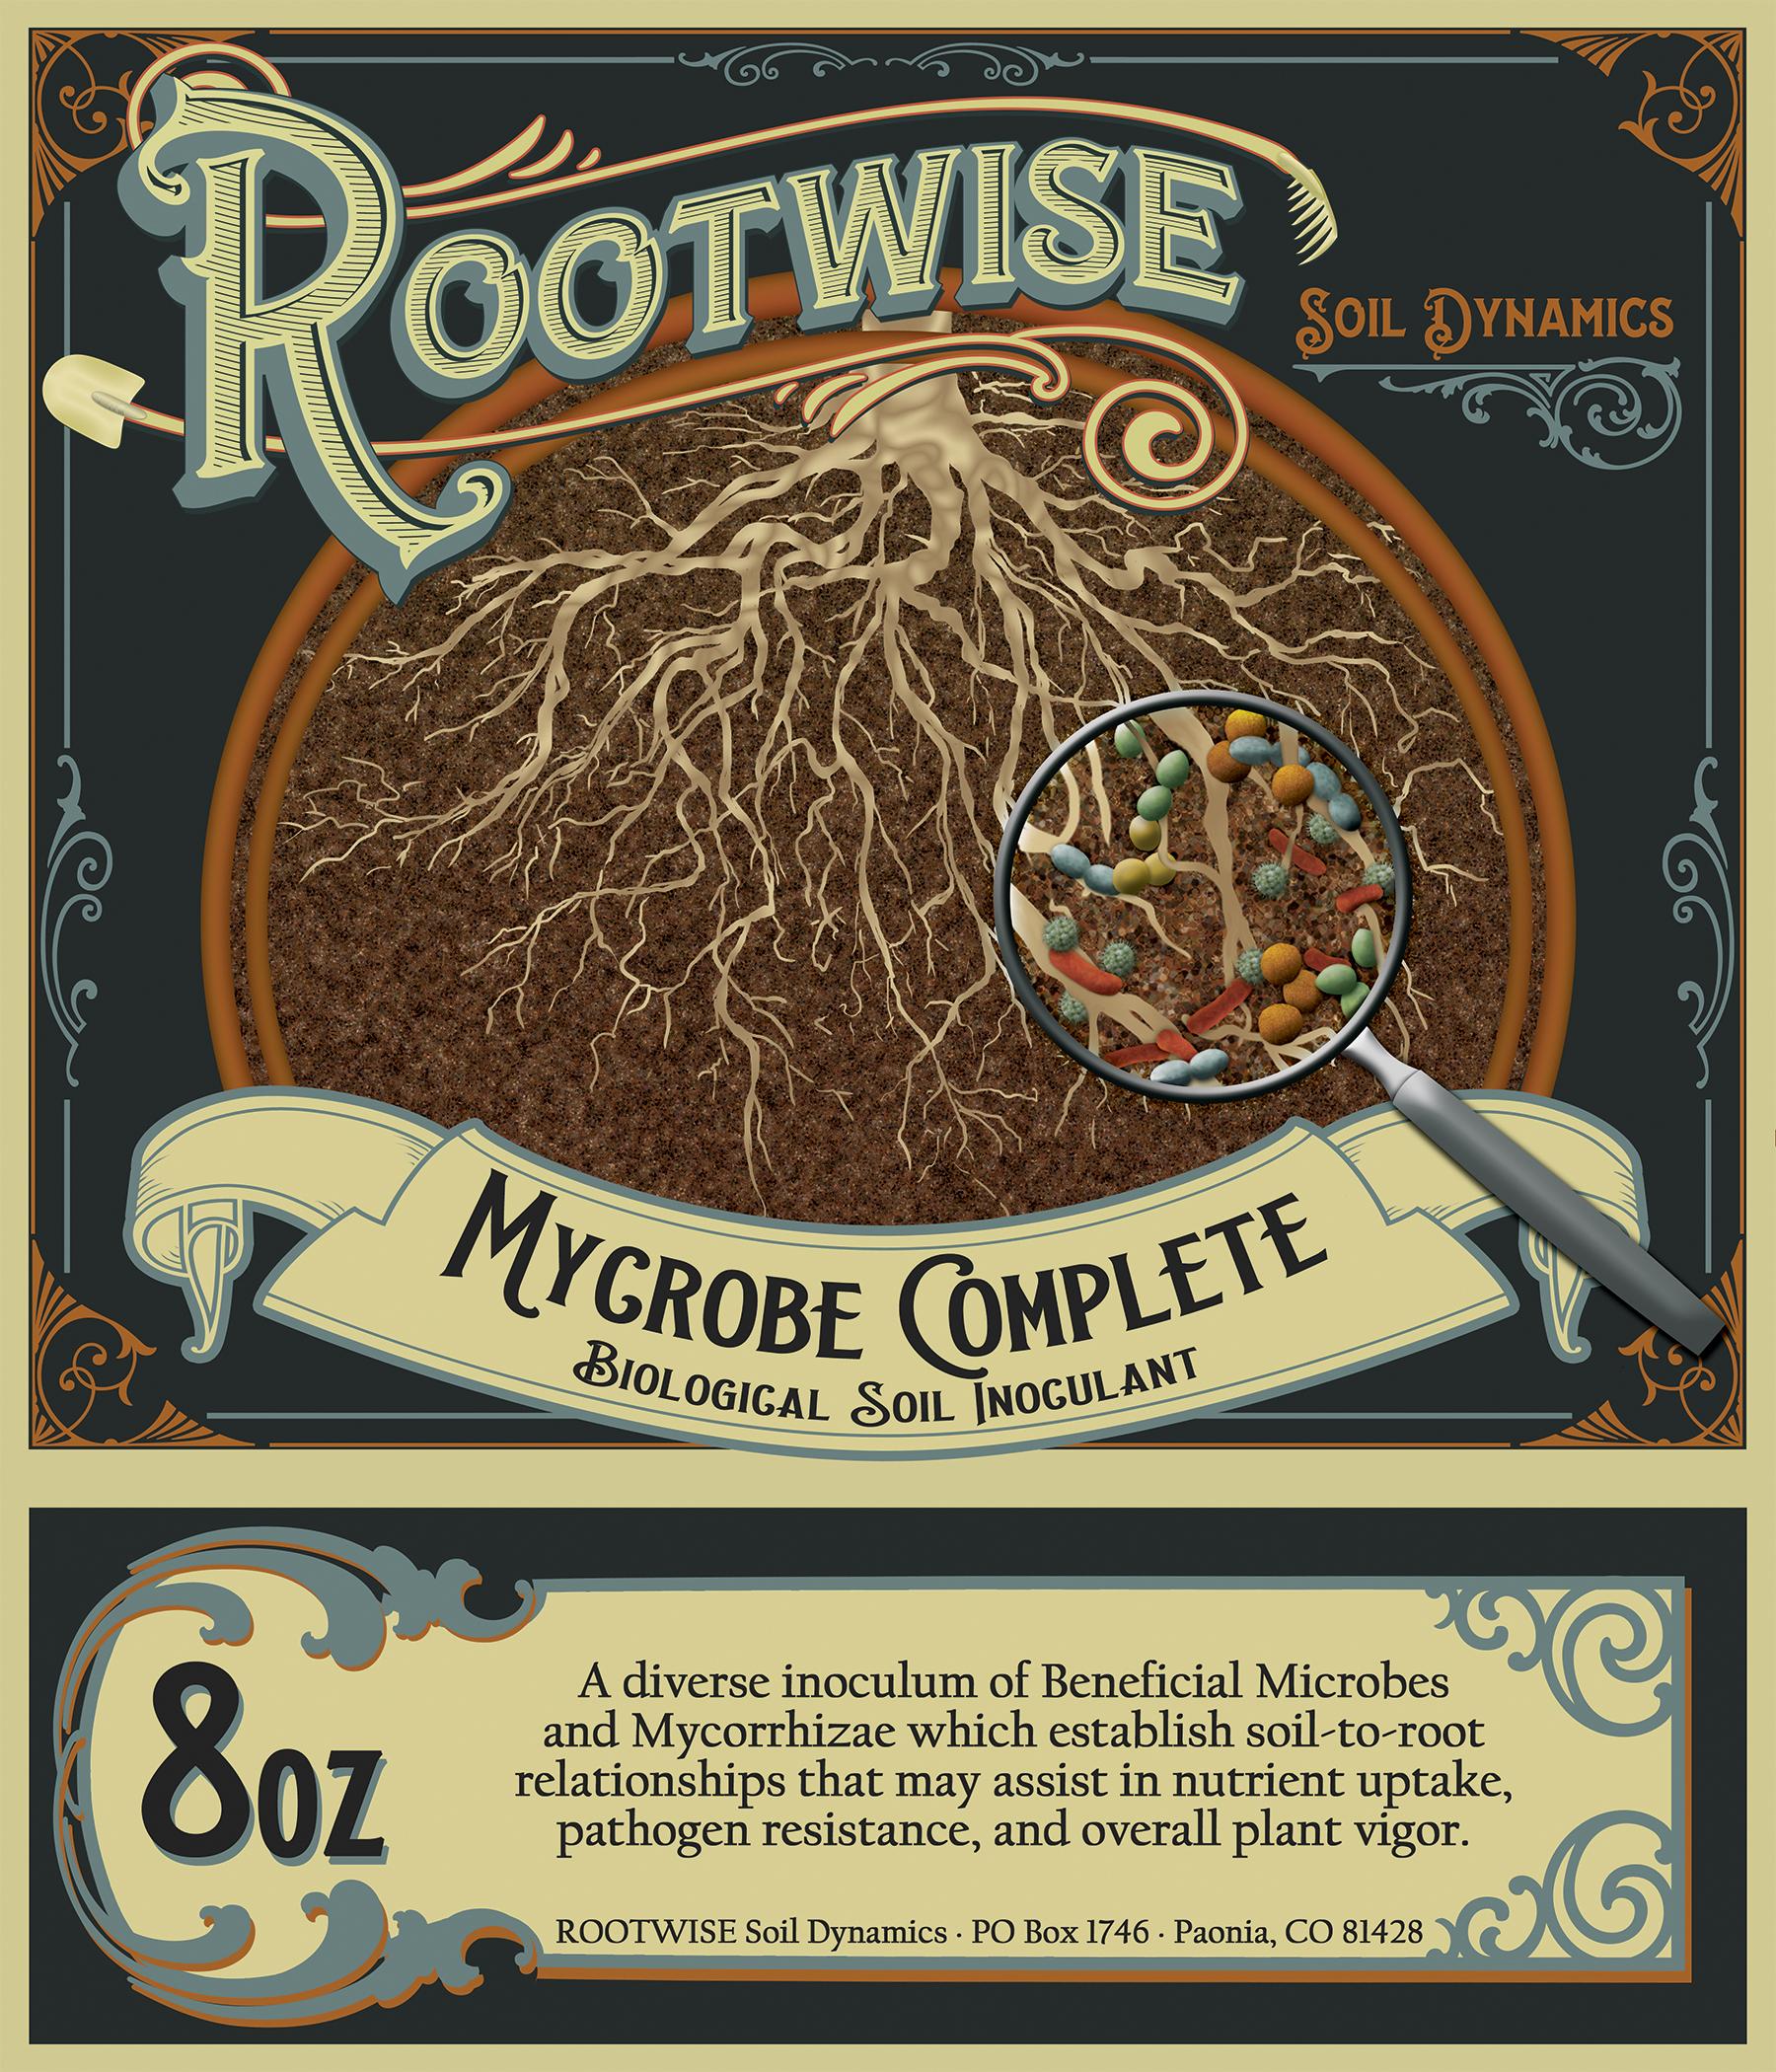 Mycrobe Complete label